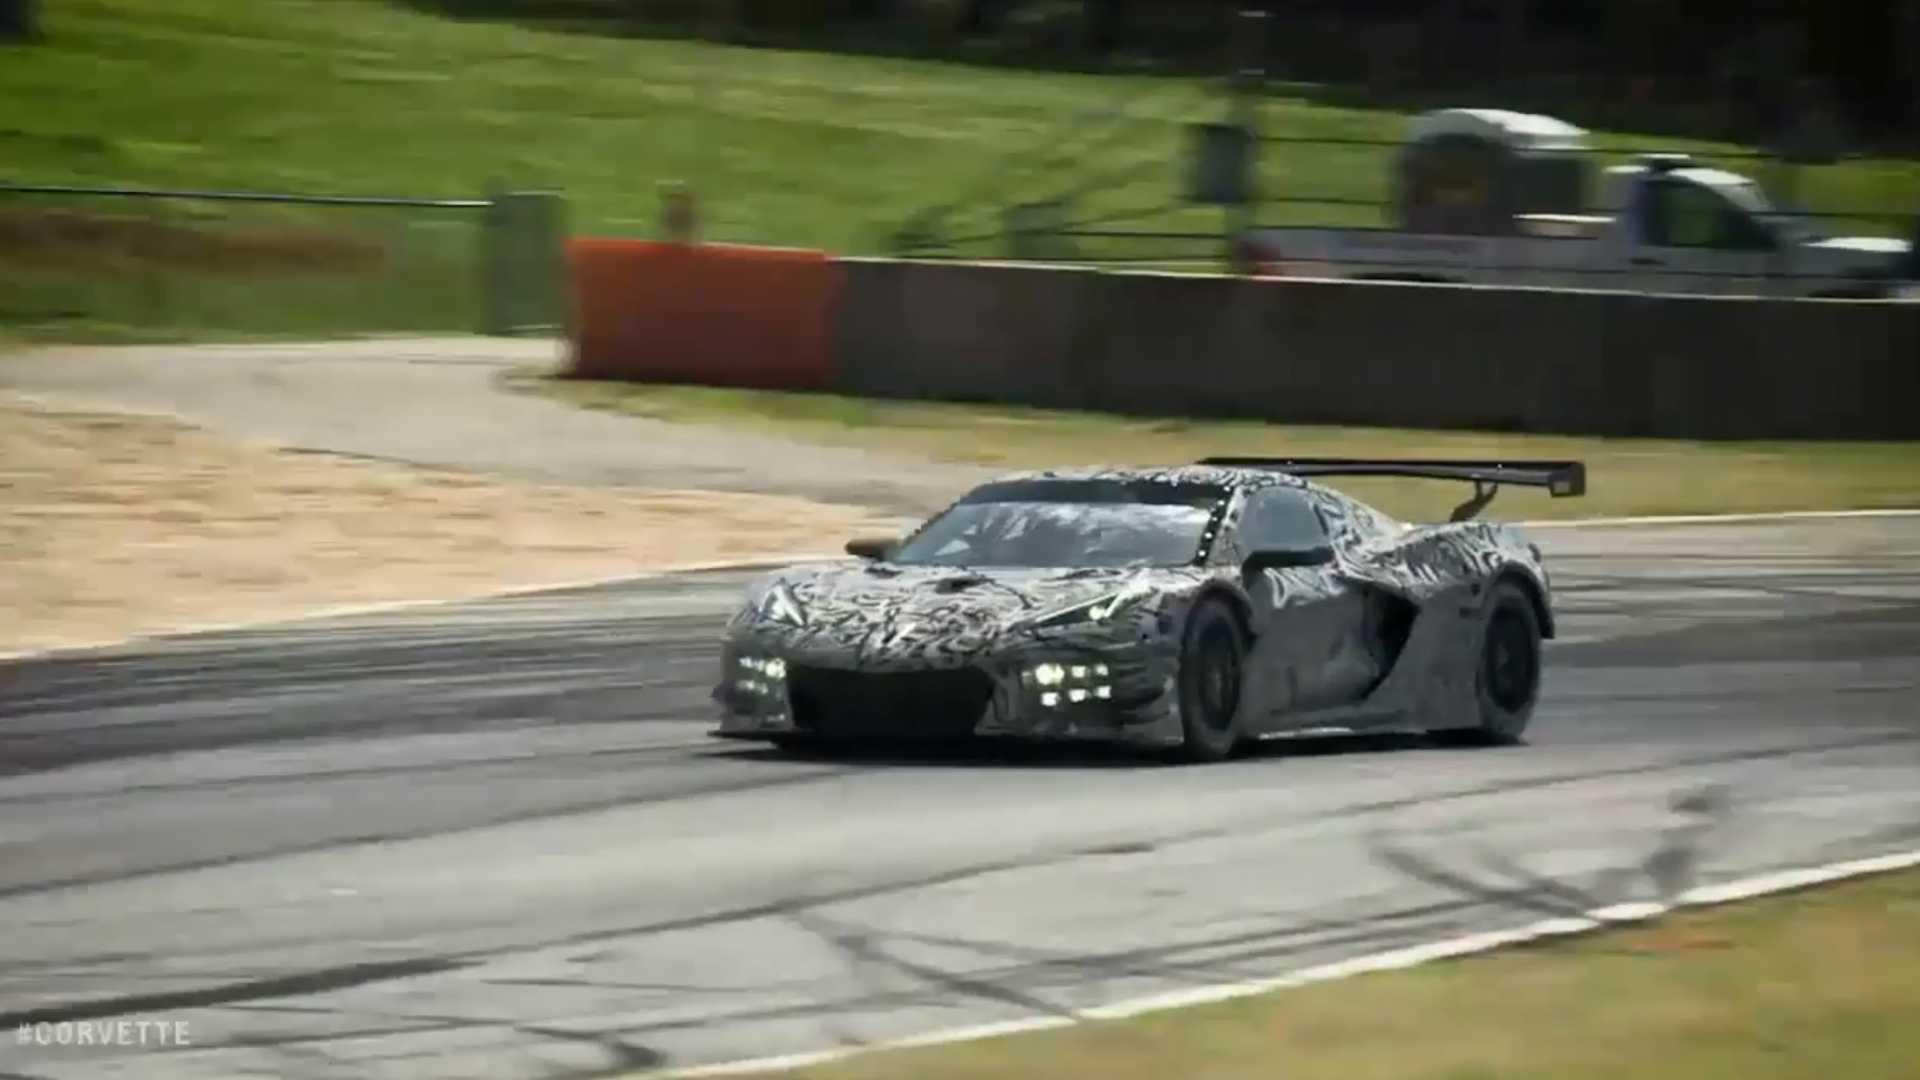 2020 Chevrolet Corvette C8.R race car teaser